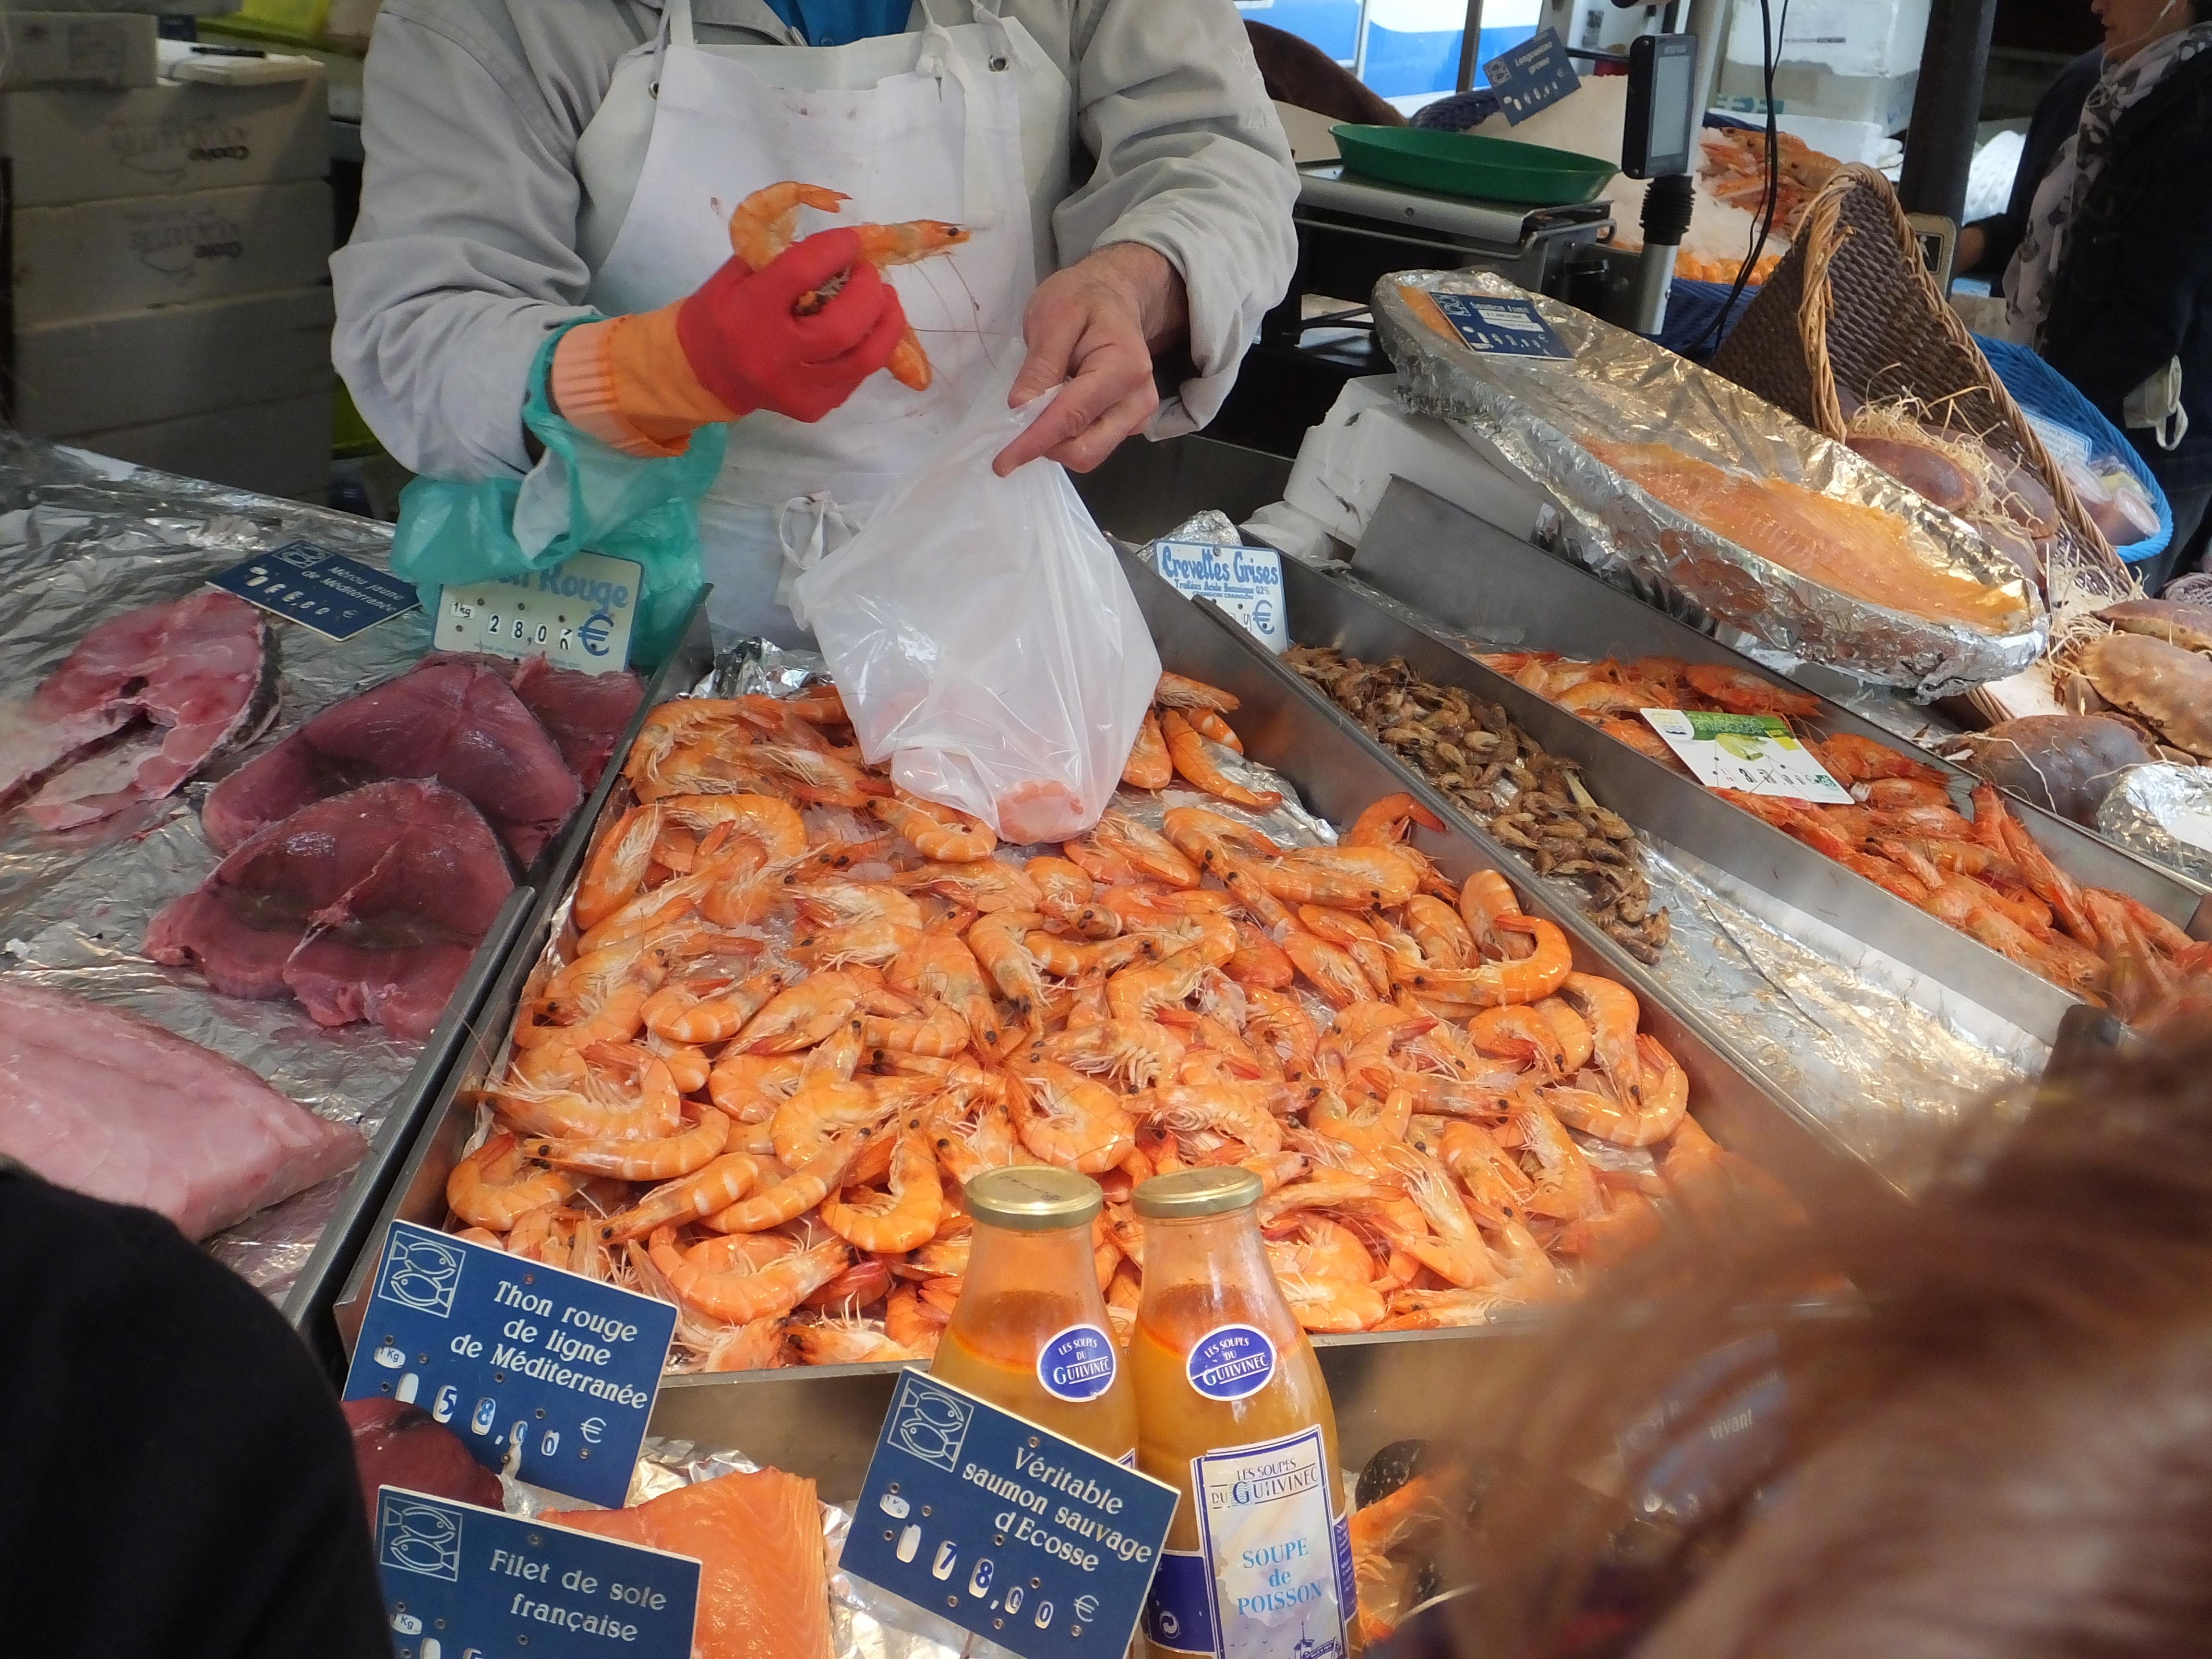 Les crevettes or shrimp